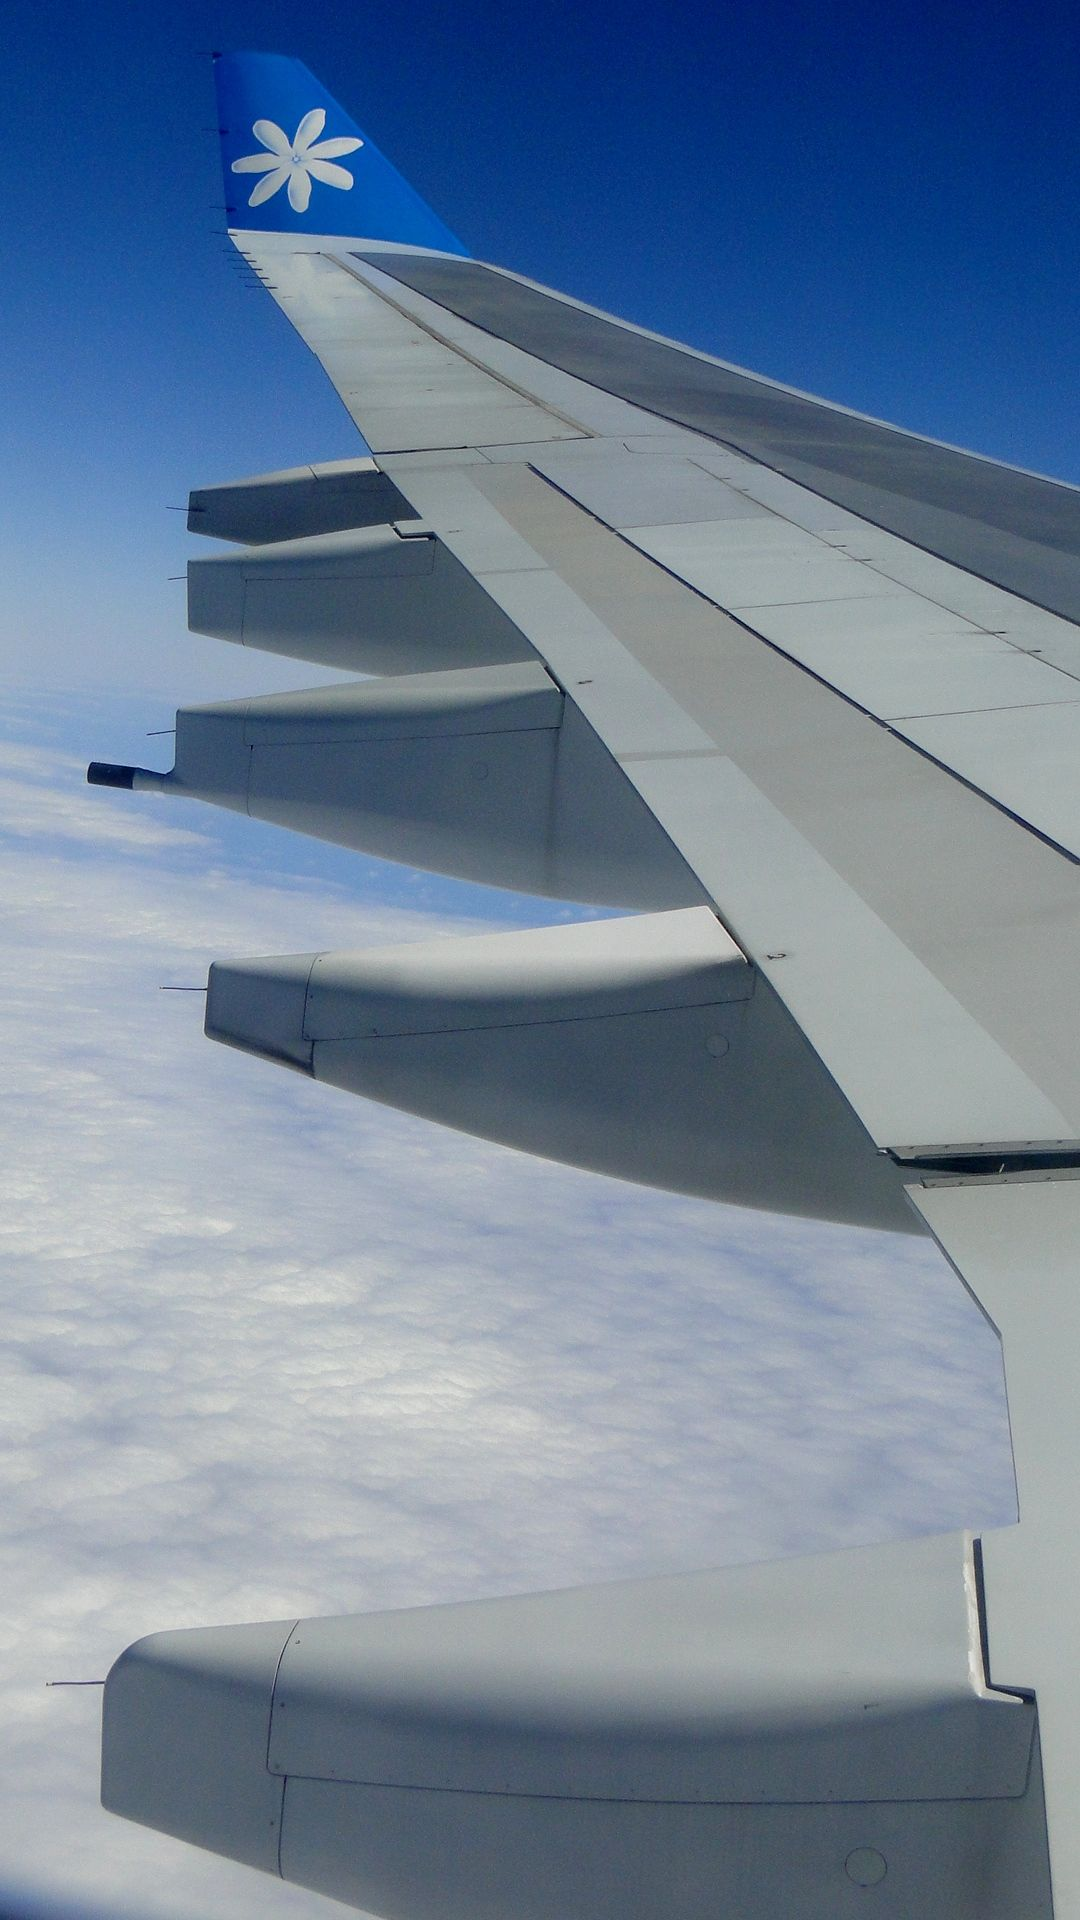 Pin on Air Tahiti Nui Aircraft